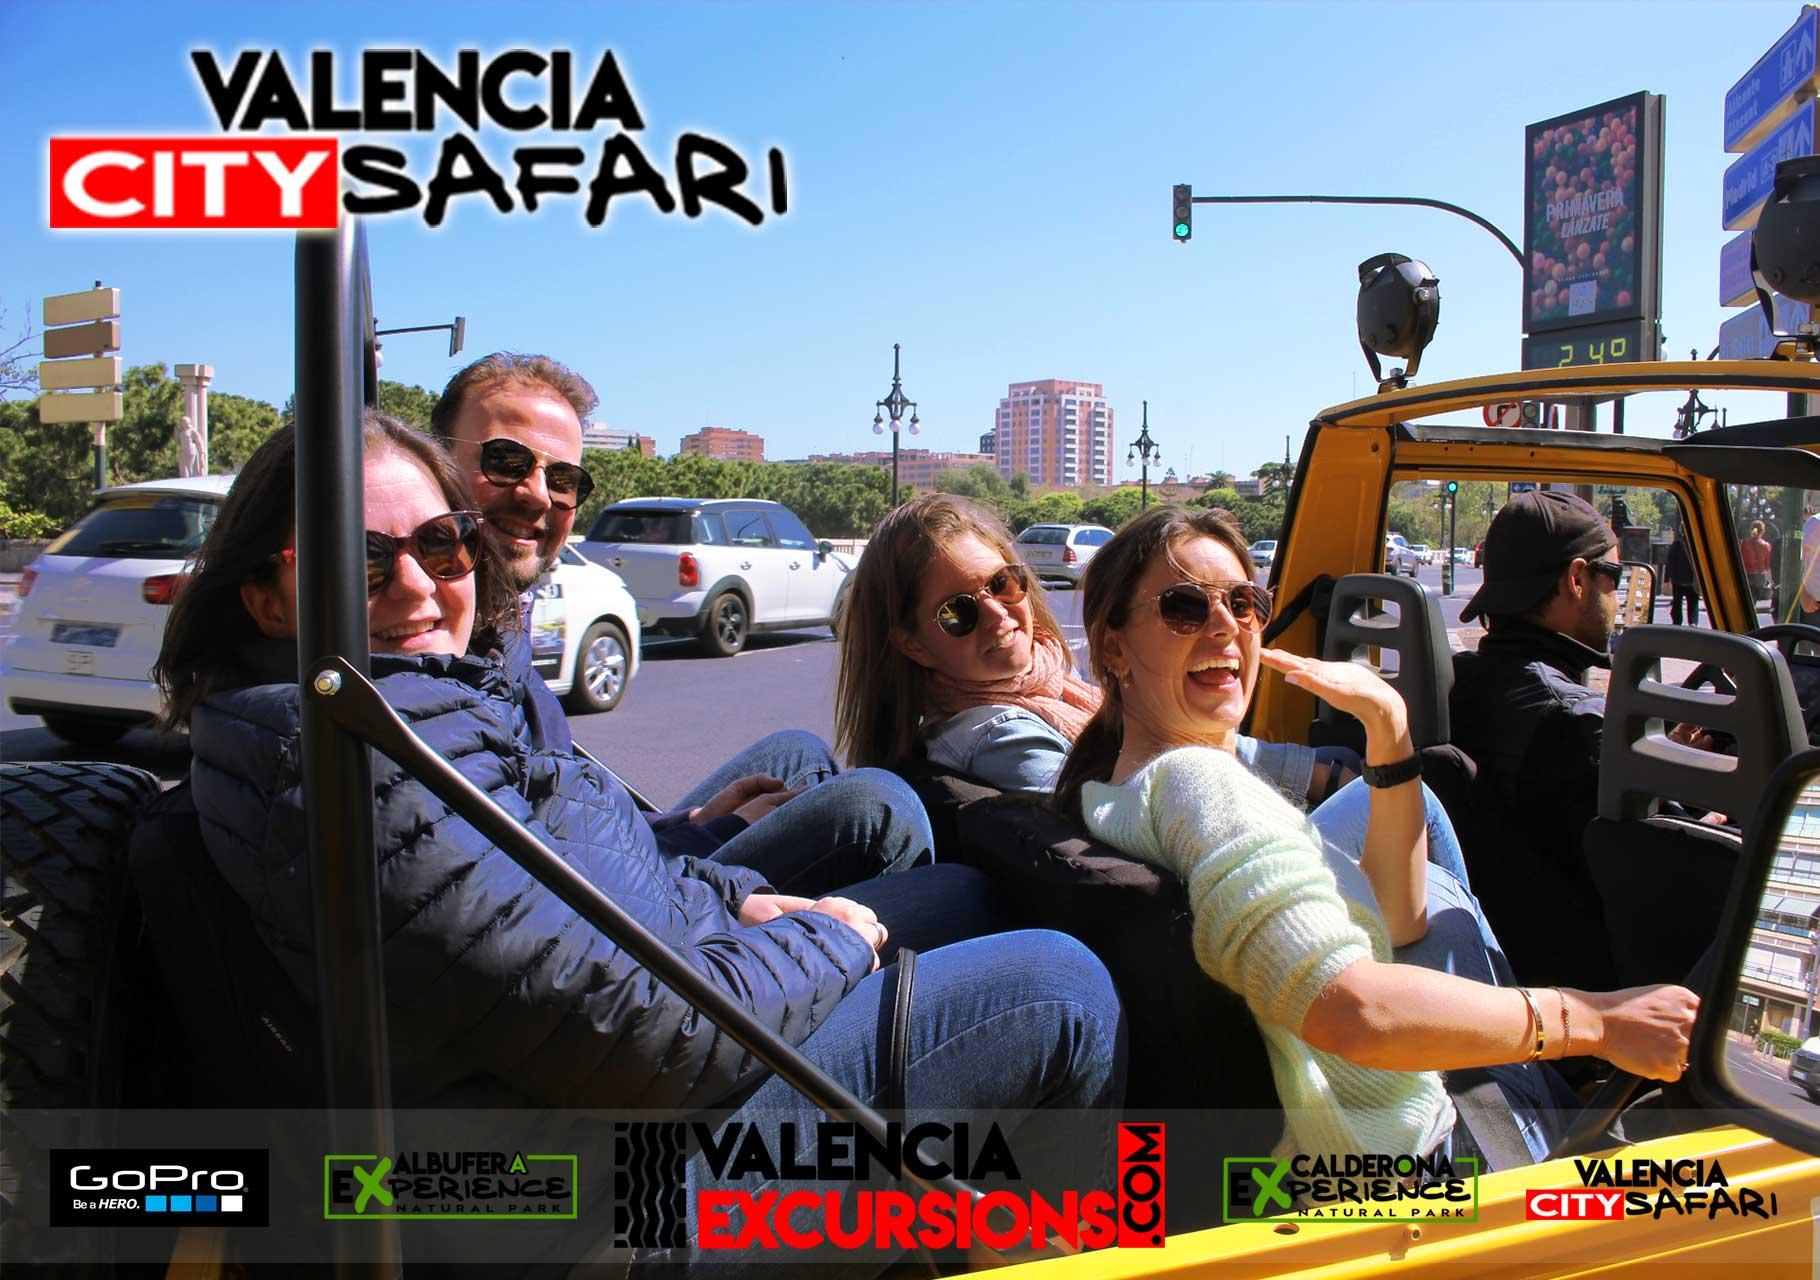 Touristic Valencia